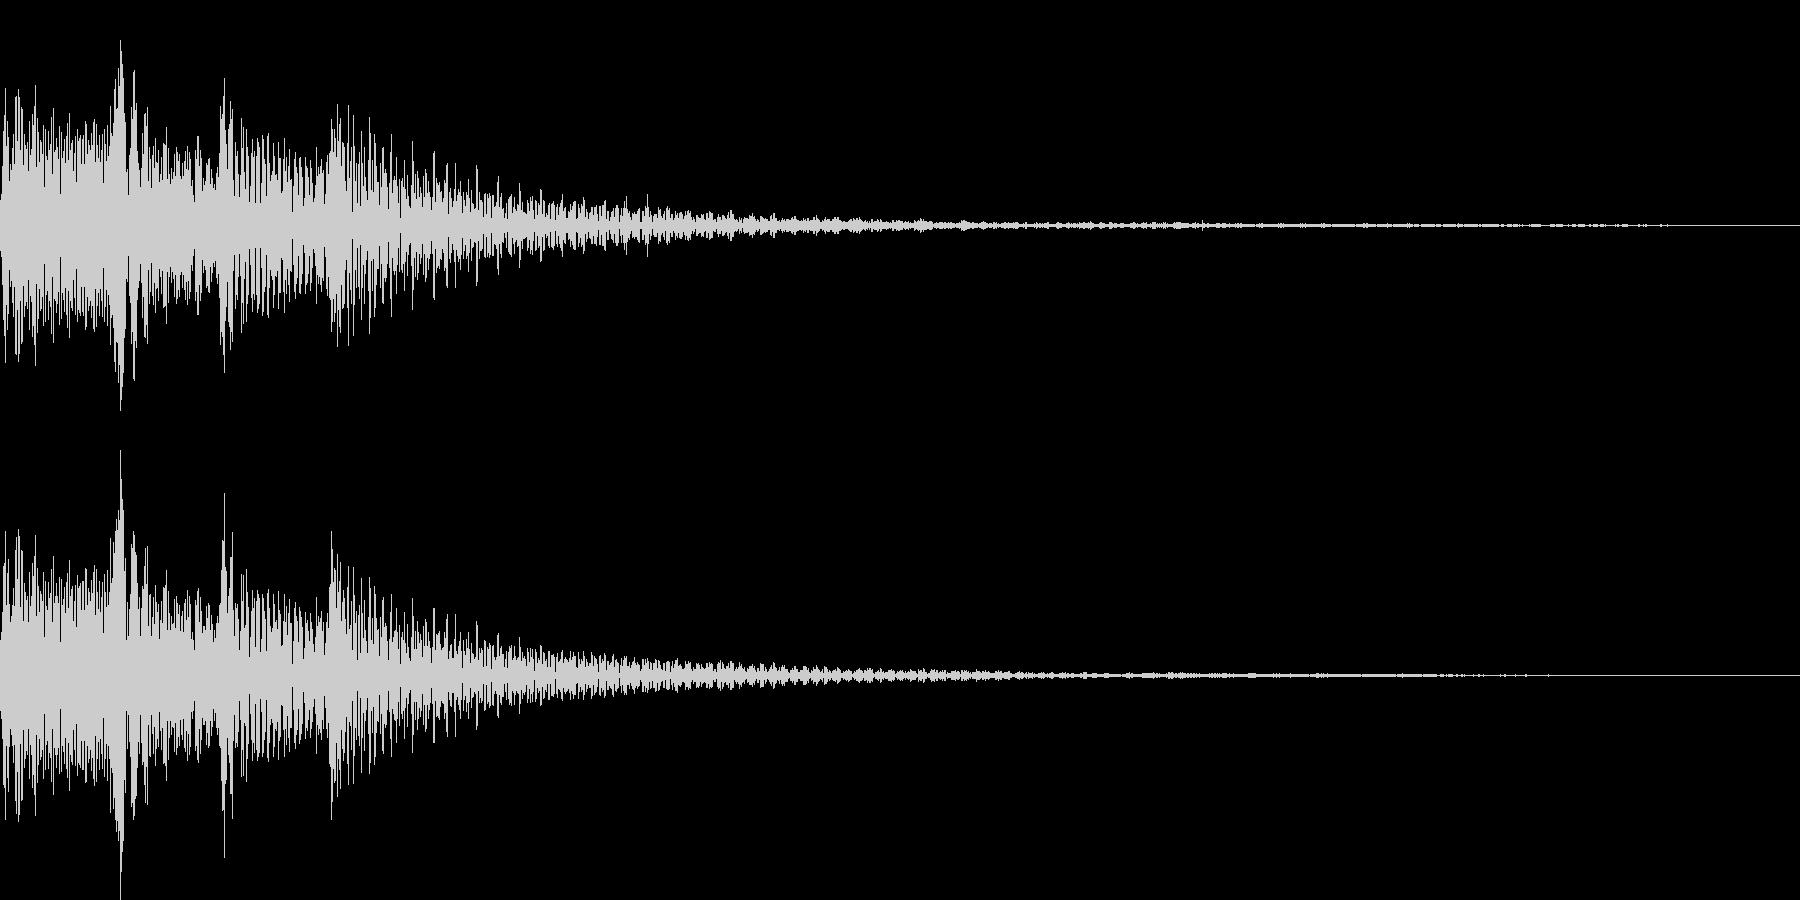 ポロロロン(スワイプ 決定 移動)の未再生の波形